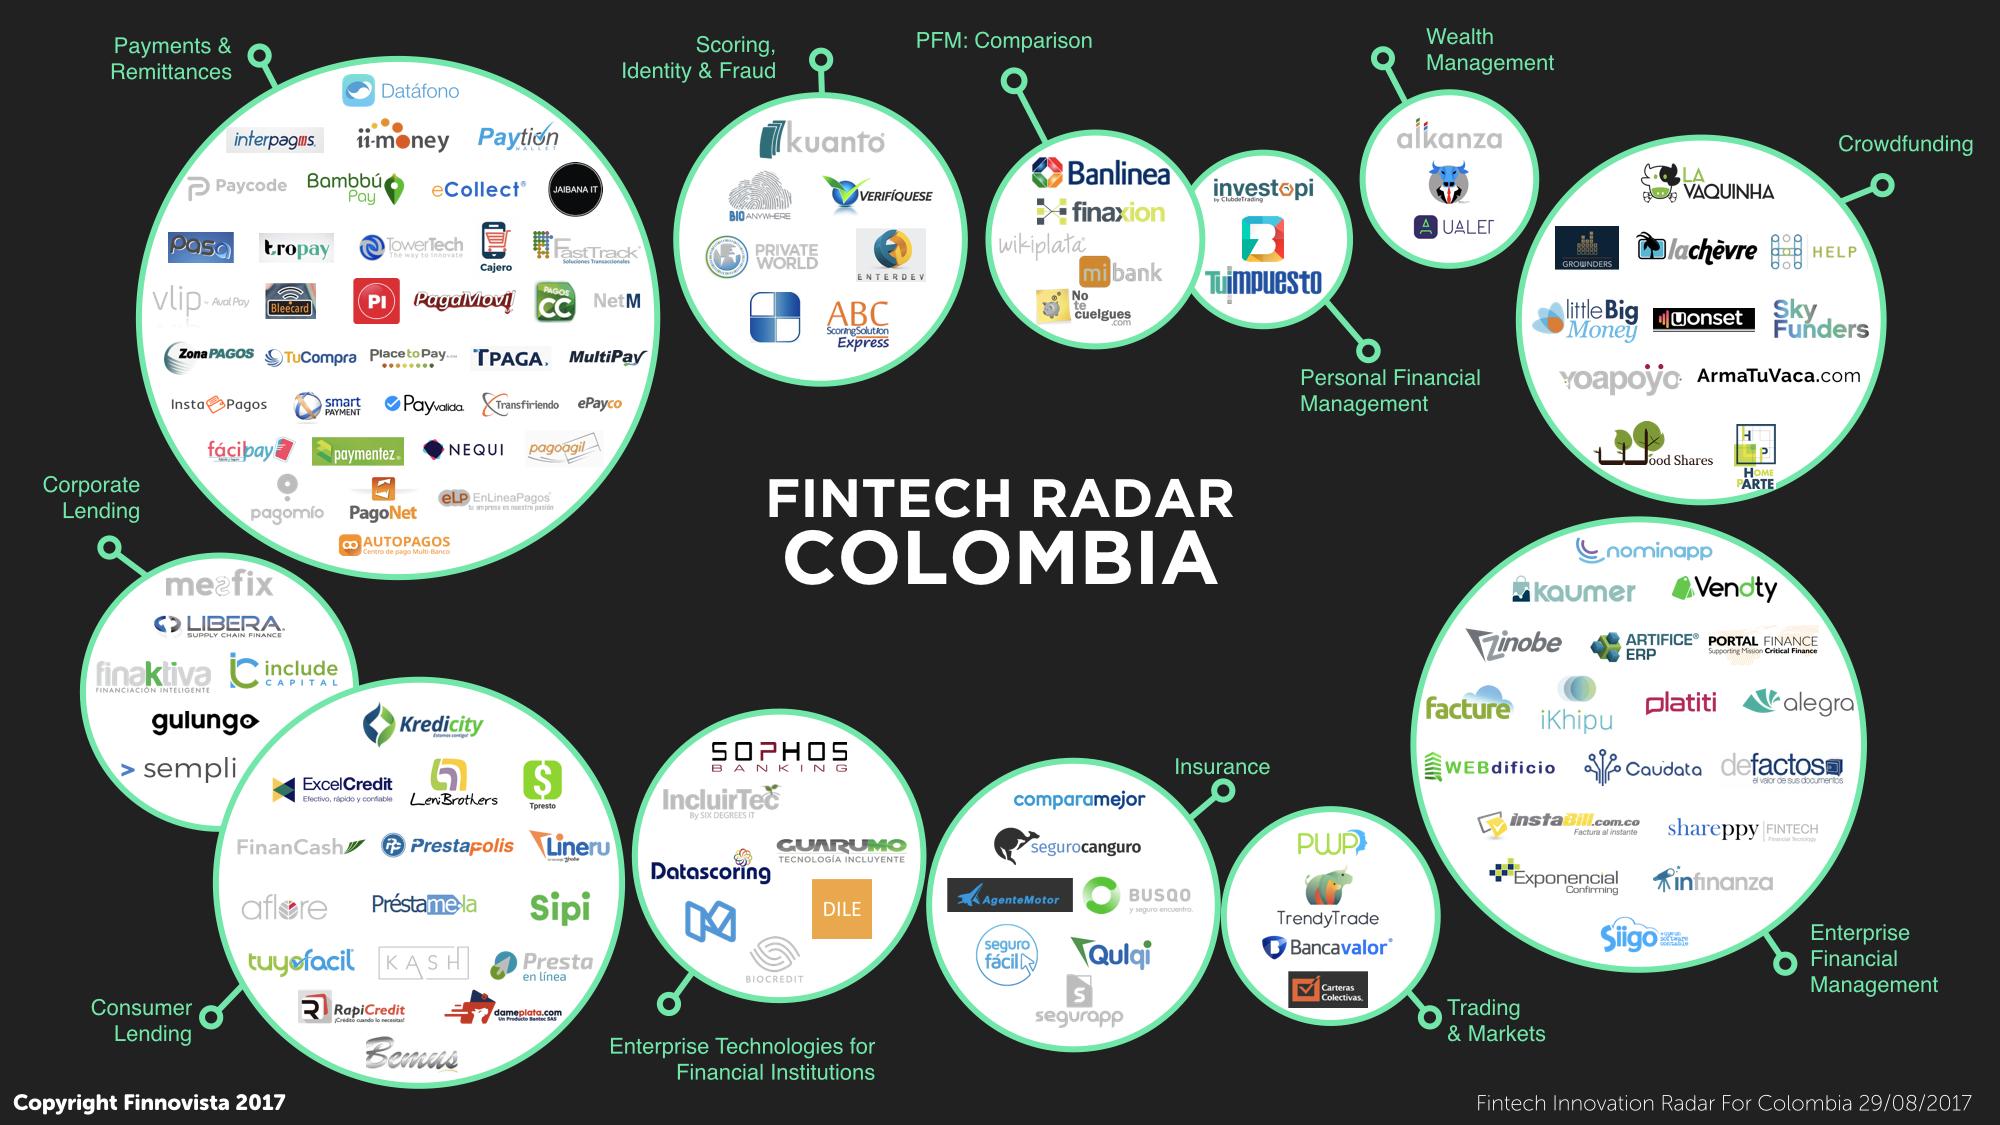 Fintech Radar Colombia